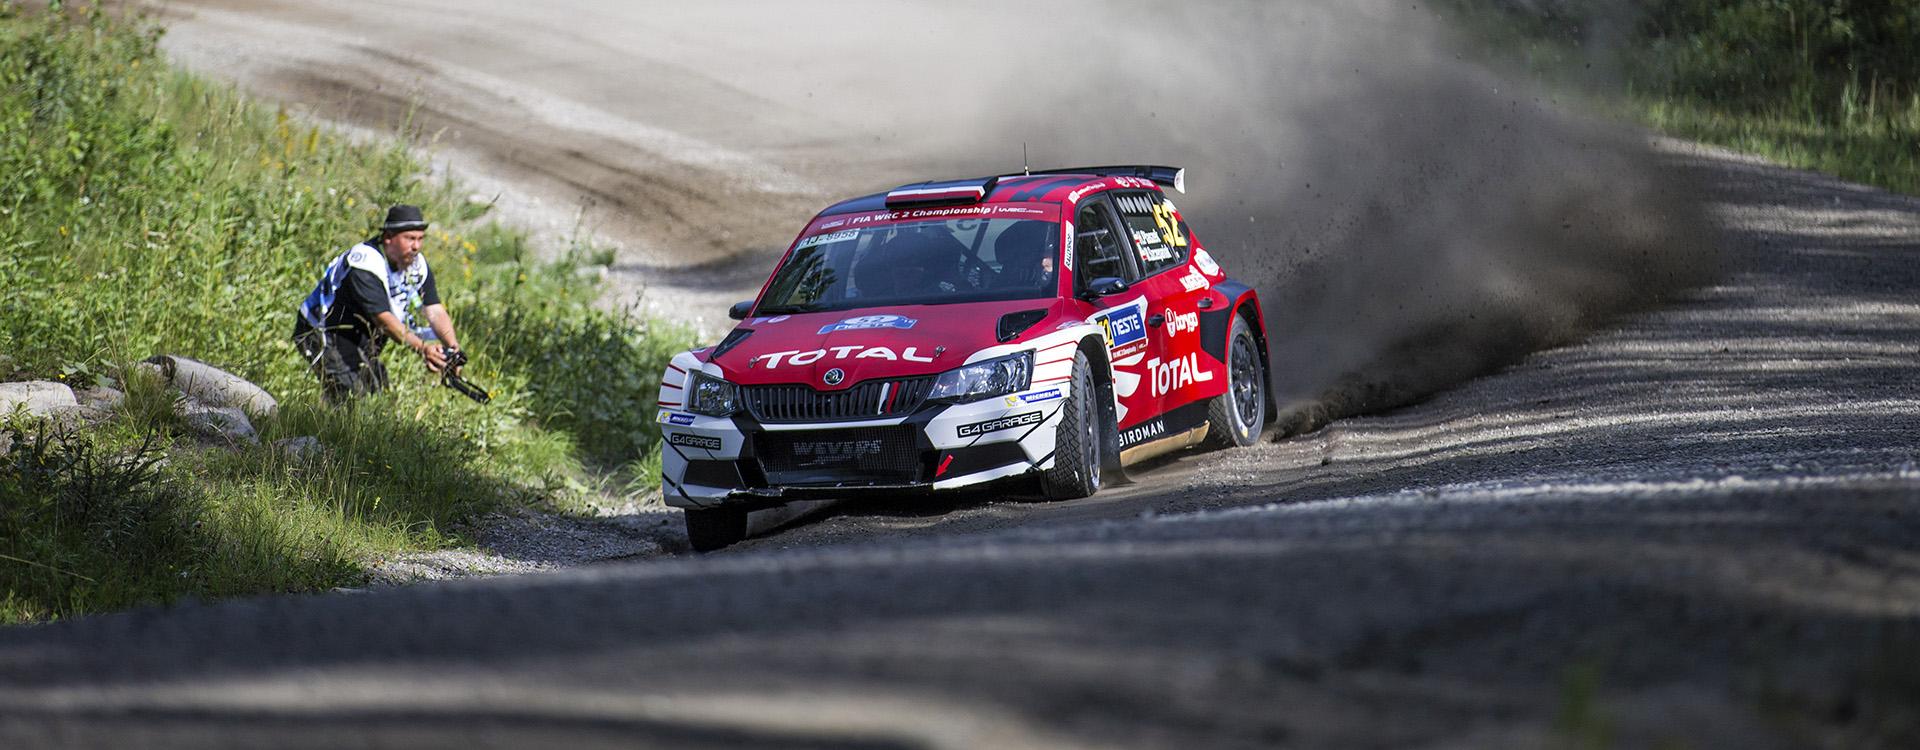 FOTO: Zákaznické týmy ŠKODA na Finské rally 2016